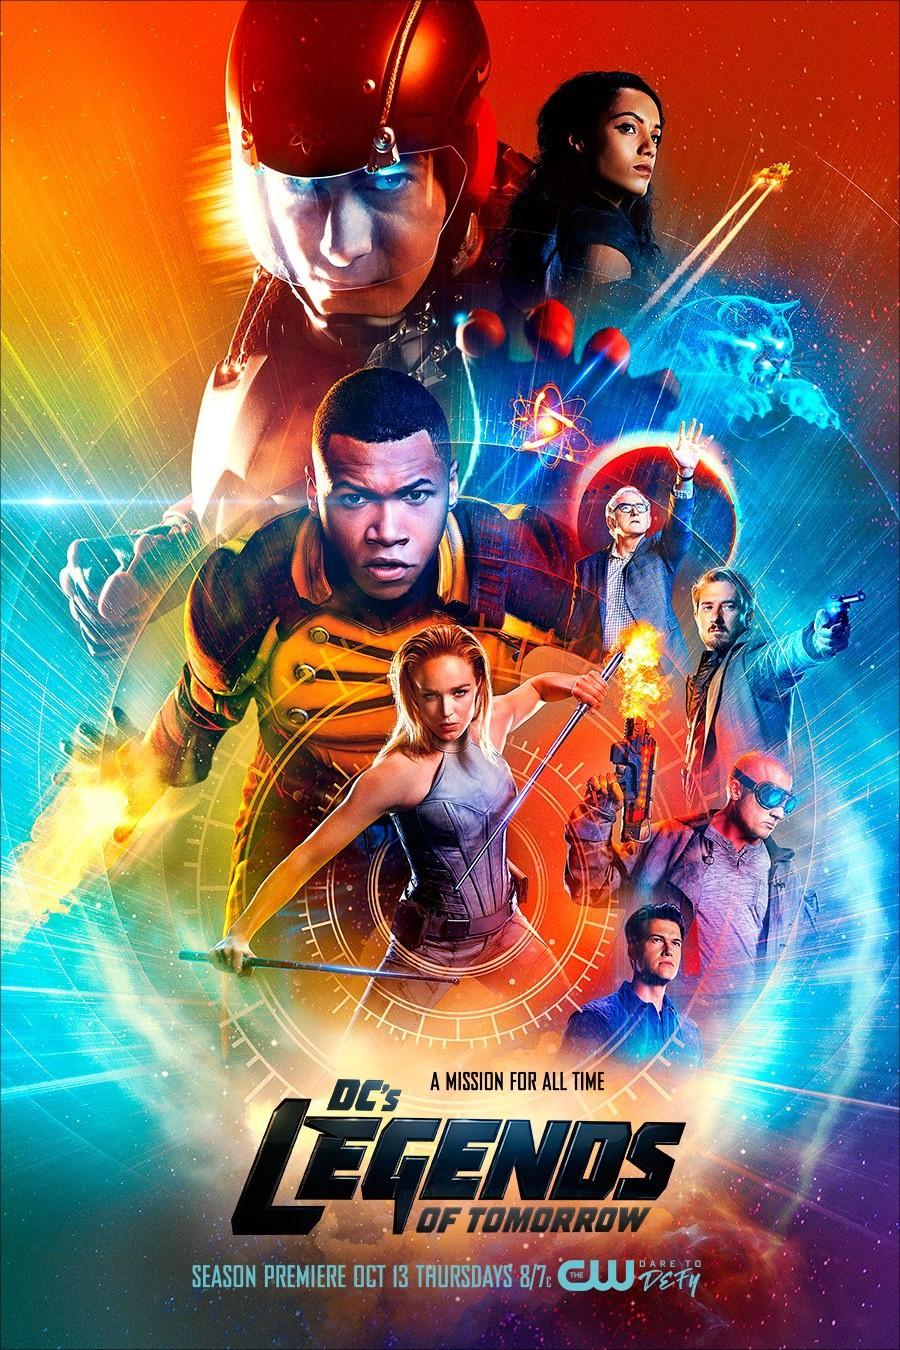 Легенды завтрашнего дня 1-2 сезон 1-8 серия СУБТИТРЫ | DC's Legends of Tomorrow